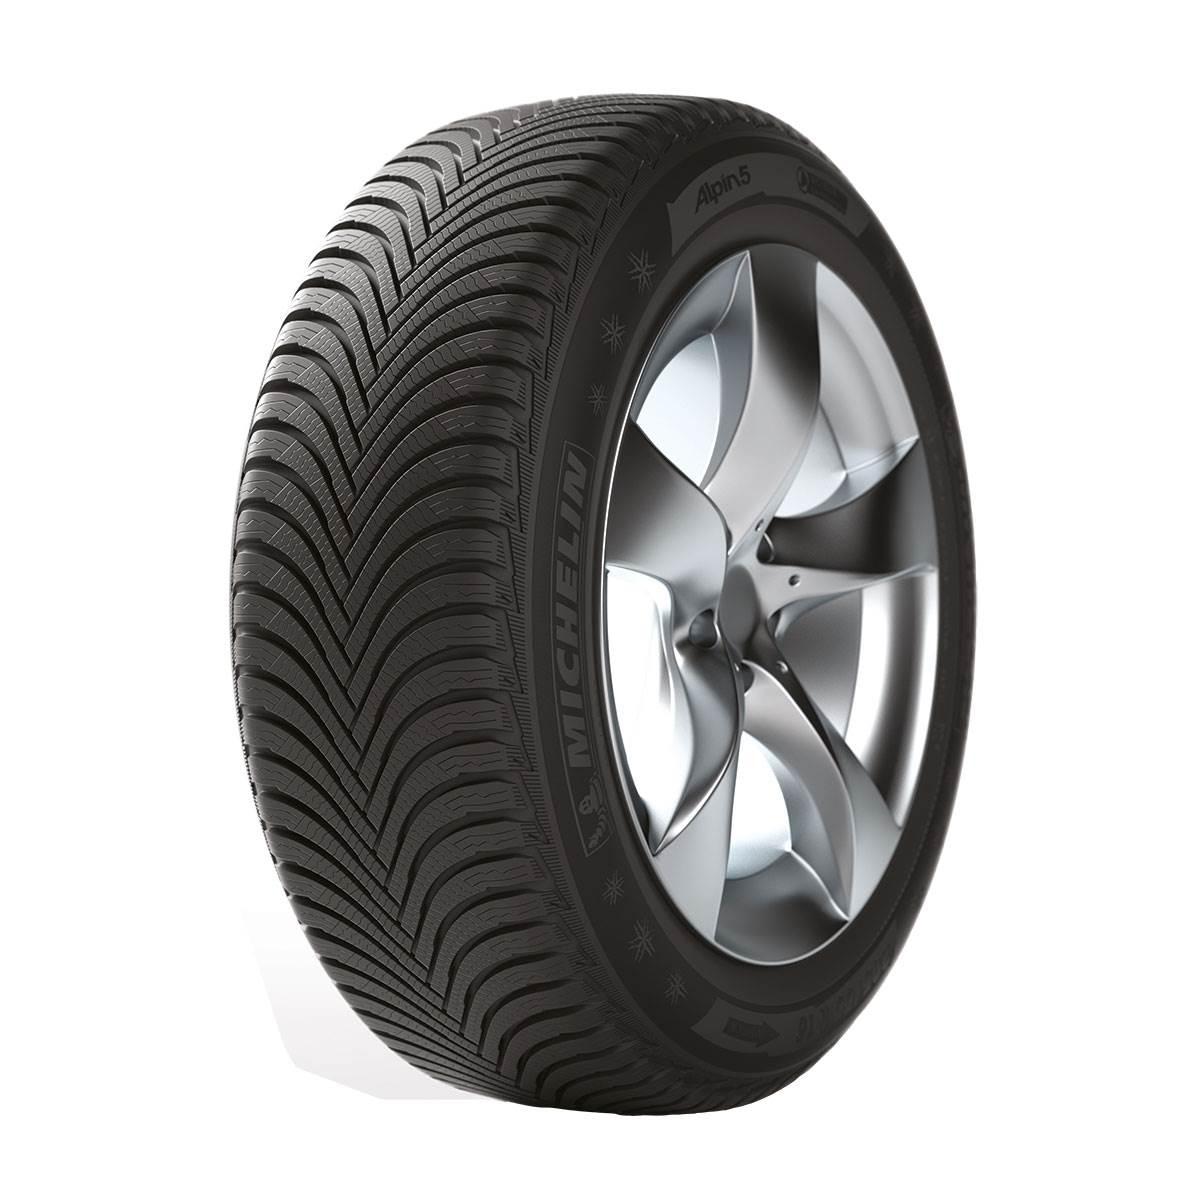 Pneu Hiver Michelin 205/60R16 96H Alpin A5 XL